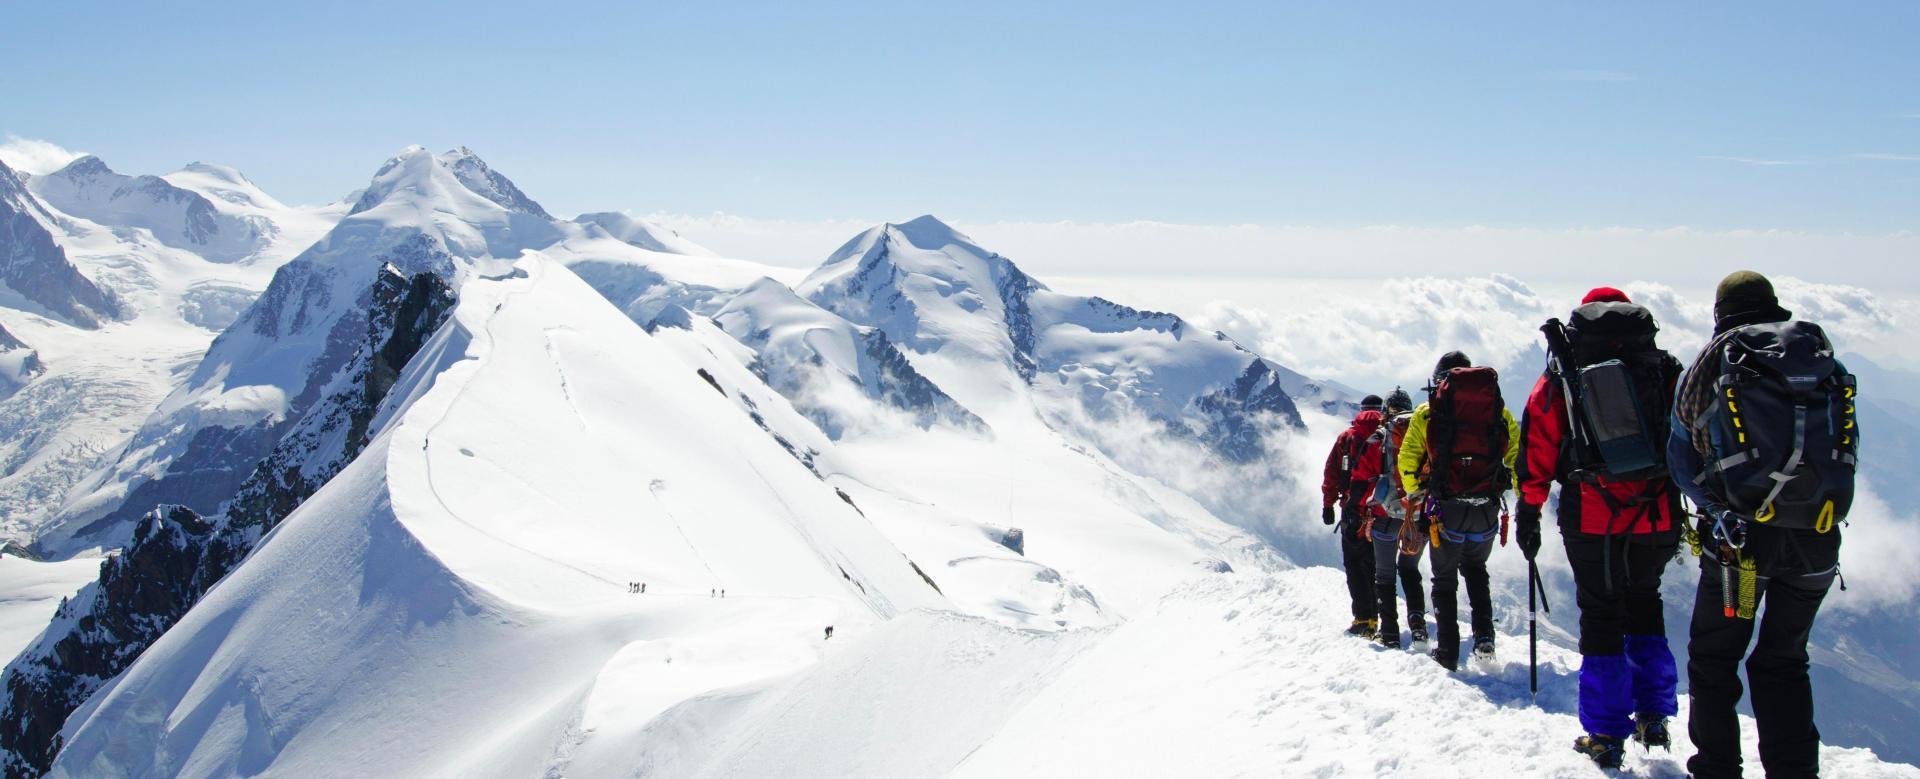 Voyage à pied : Les cimes du mont rose